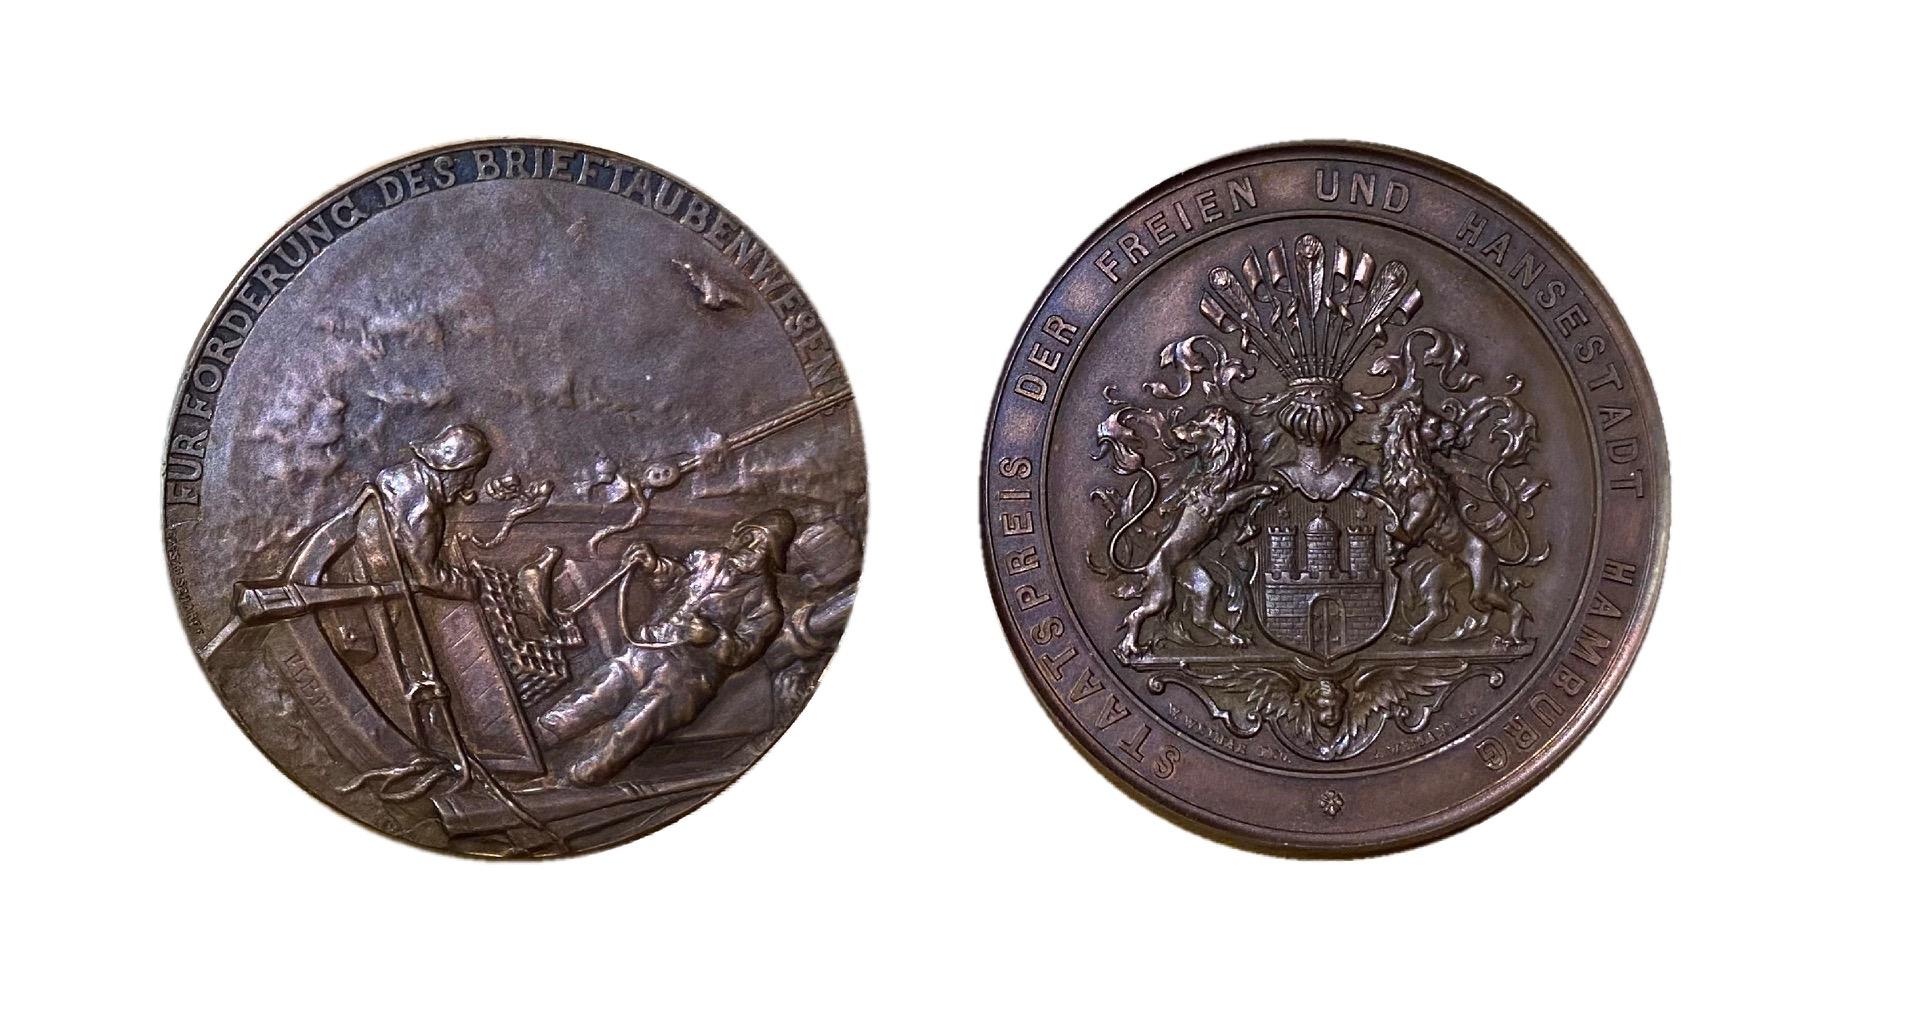 Staatspreis der Freien und Hansestadt Hamburg zur Förderung des Brieftaubenwesens in bronze